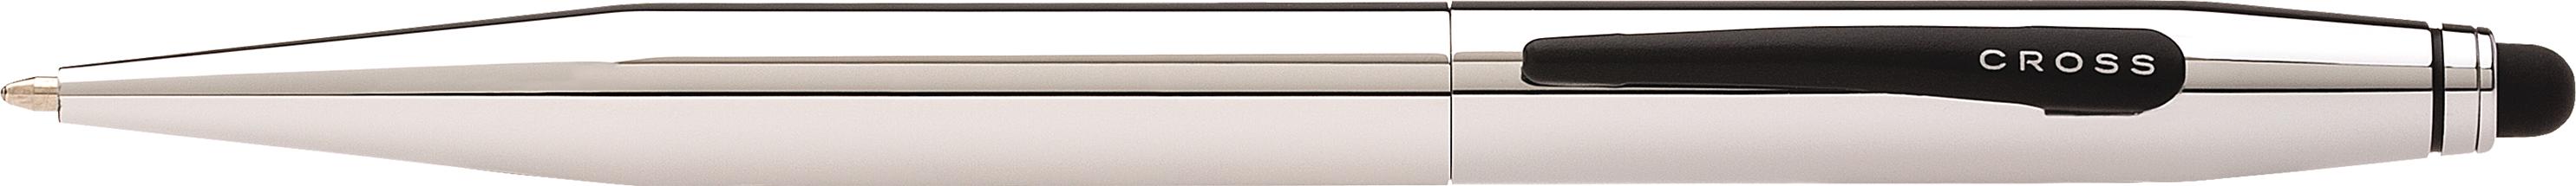 Tech 2 Chrome Ballpoint Pen